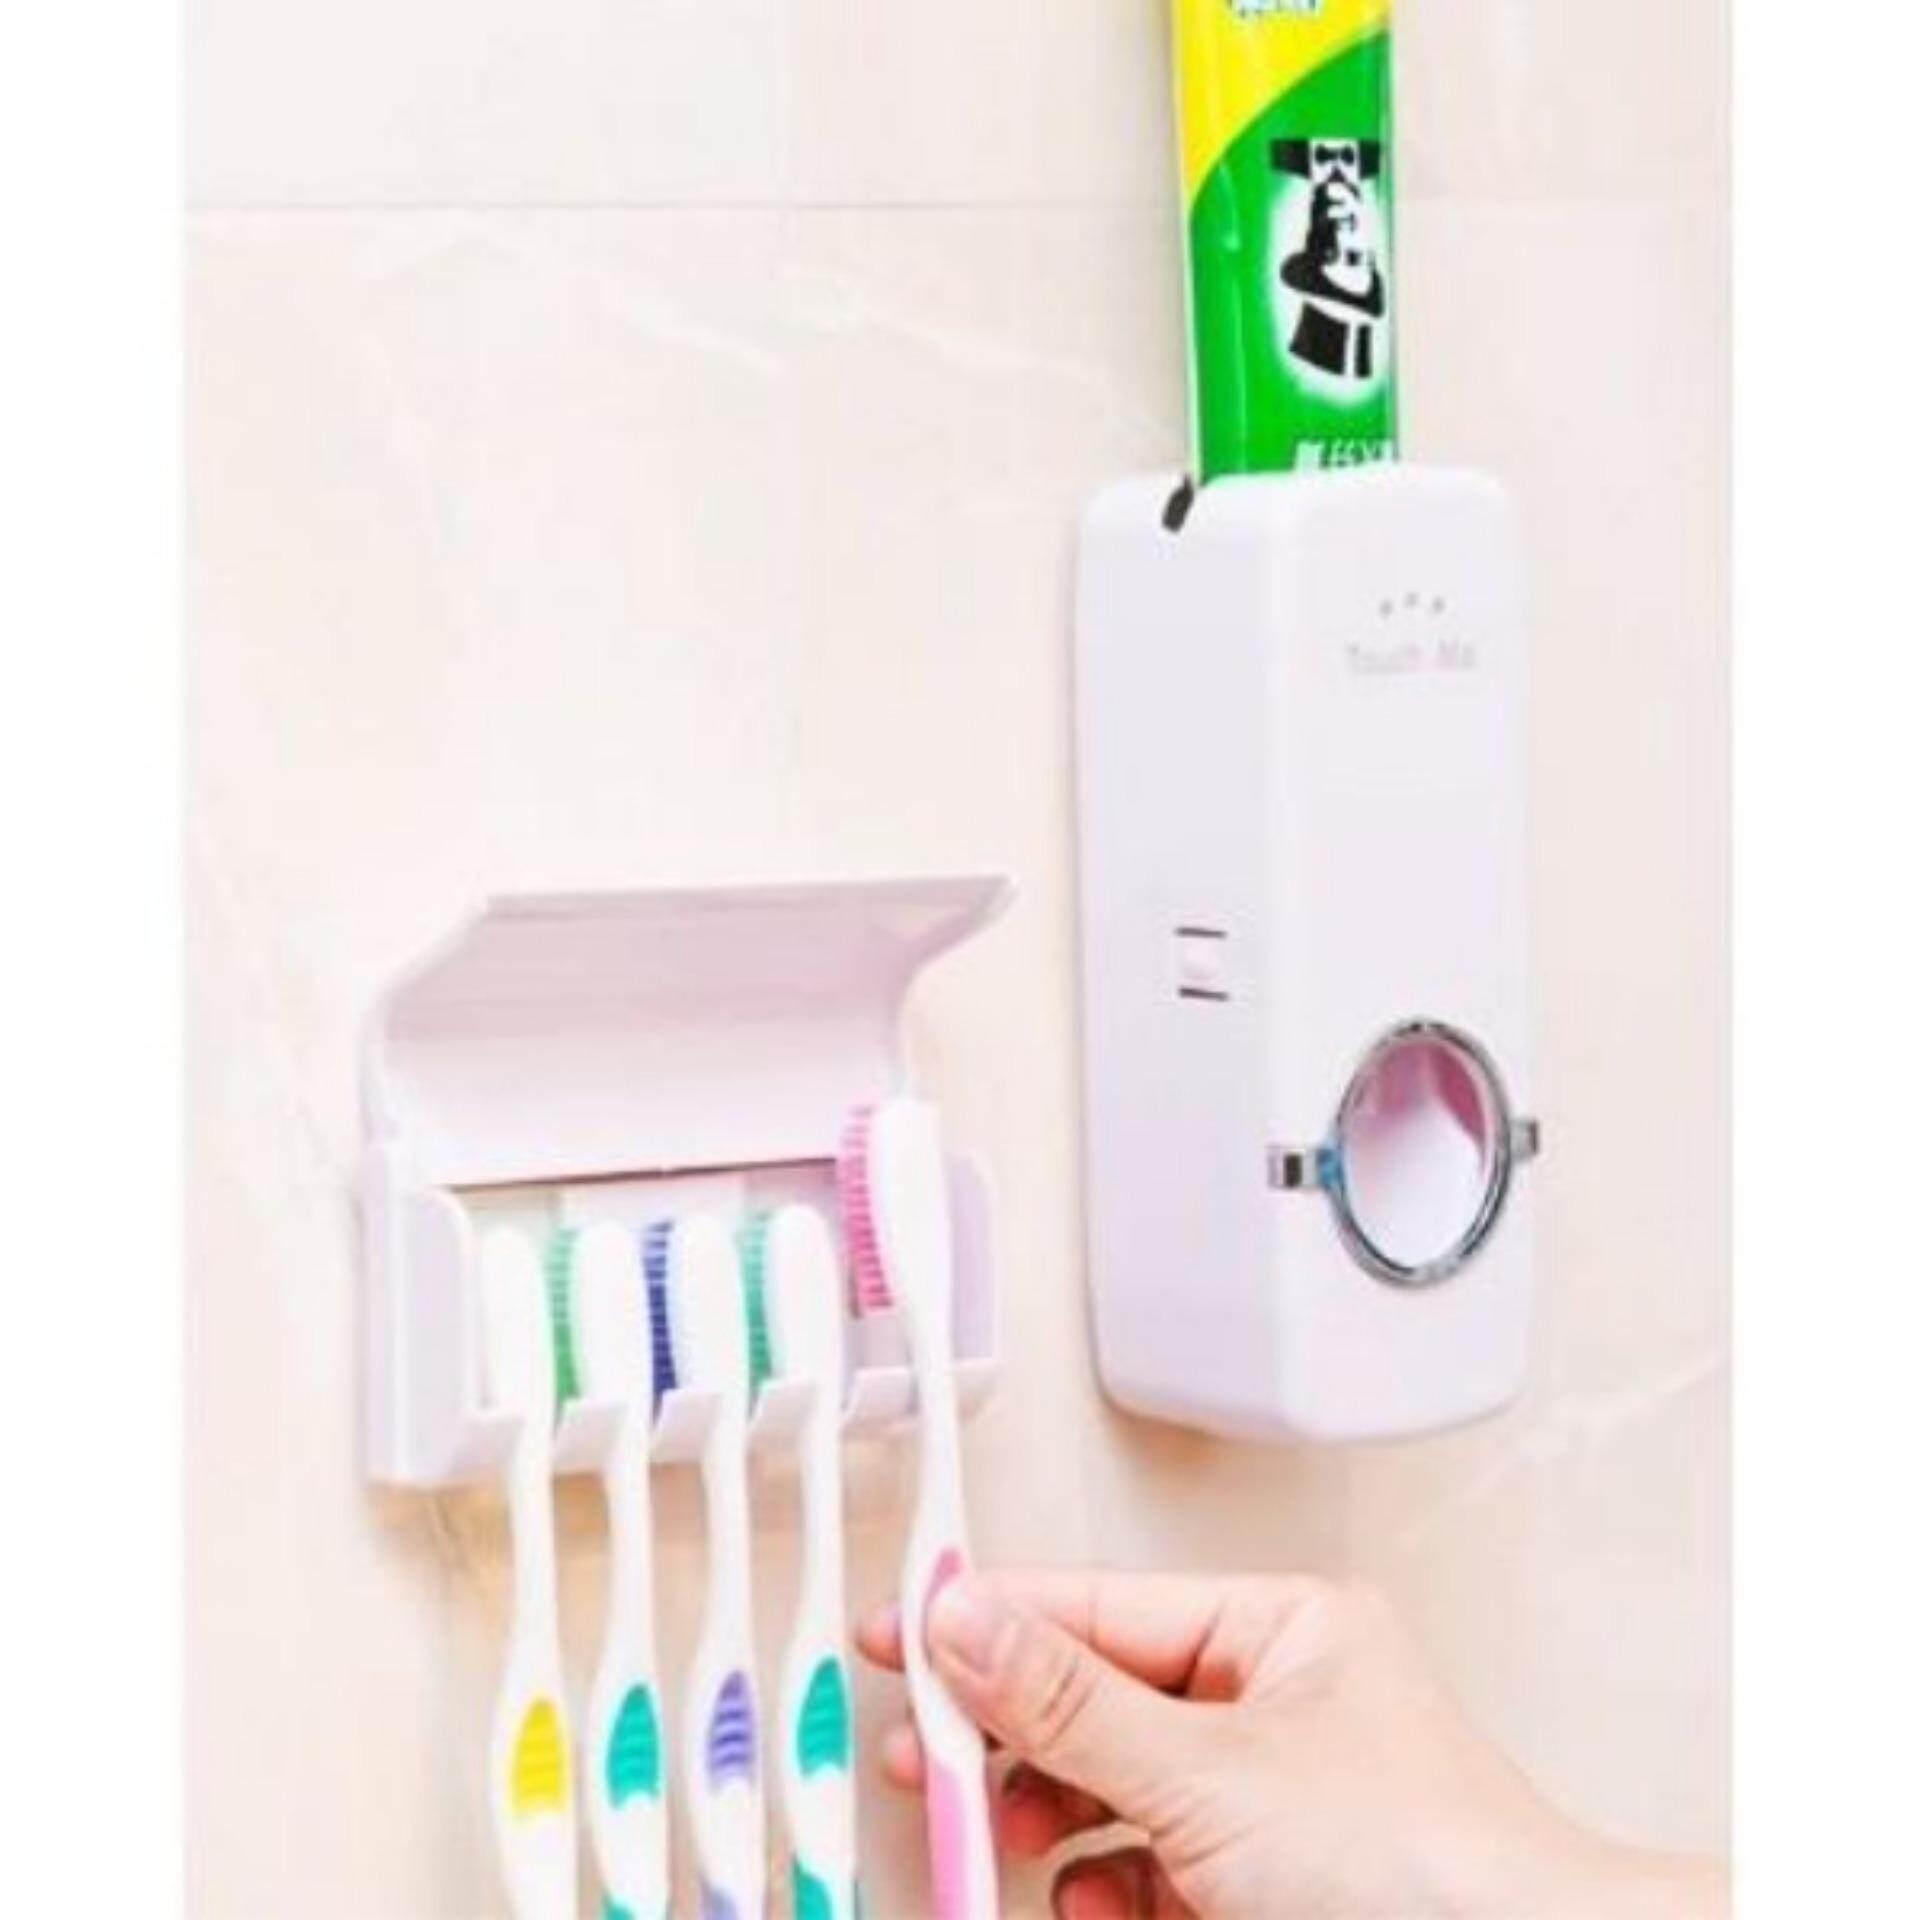 ที่บีบยาสีฟันอัตโนมัติ ที่แขวนแปรงสีฟัน จัดส่งฟรี Kerry Express